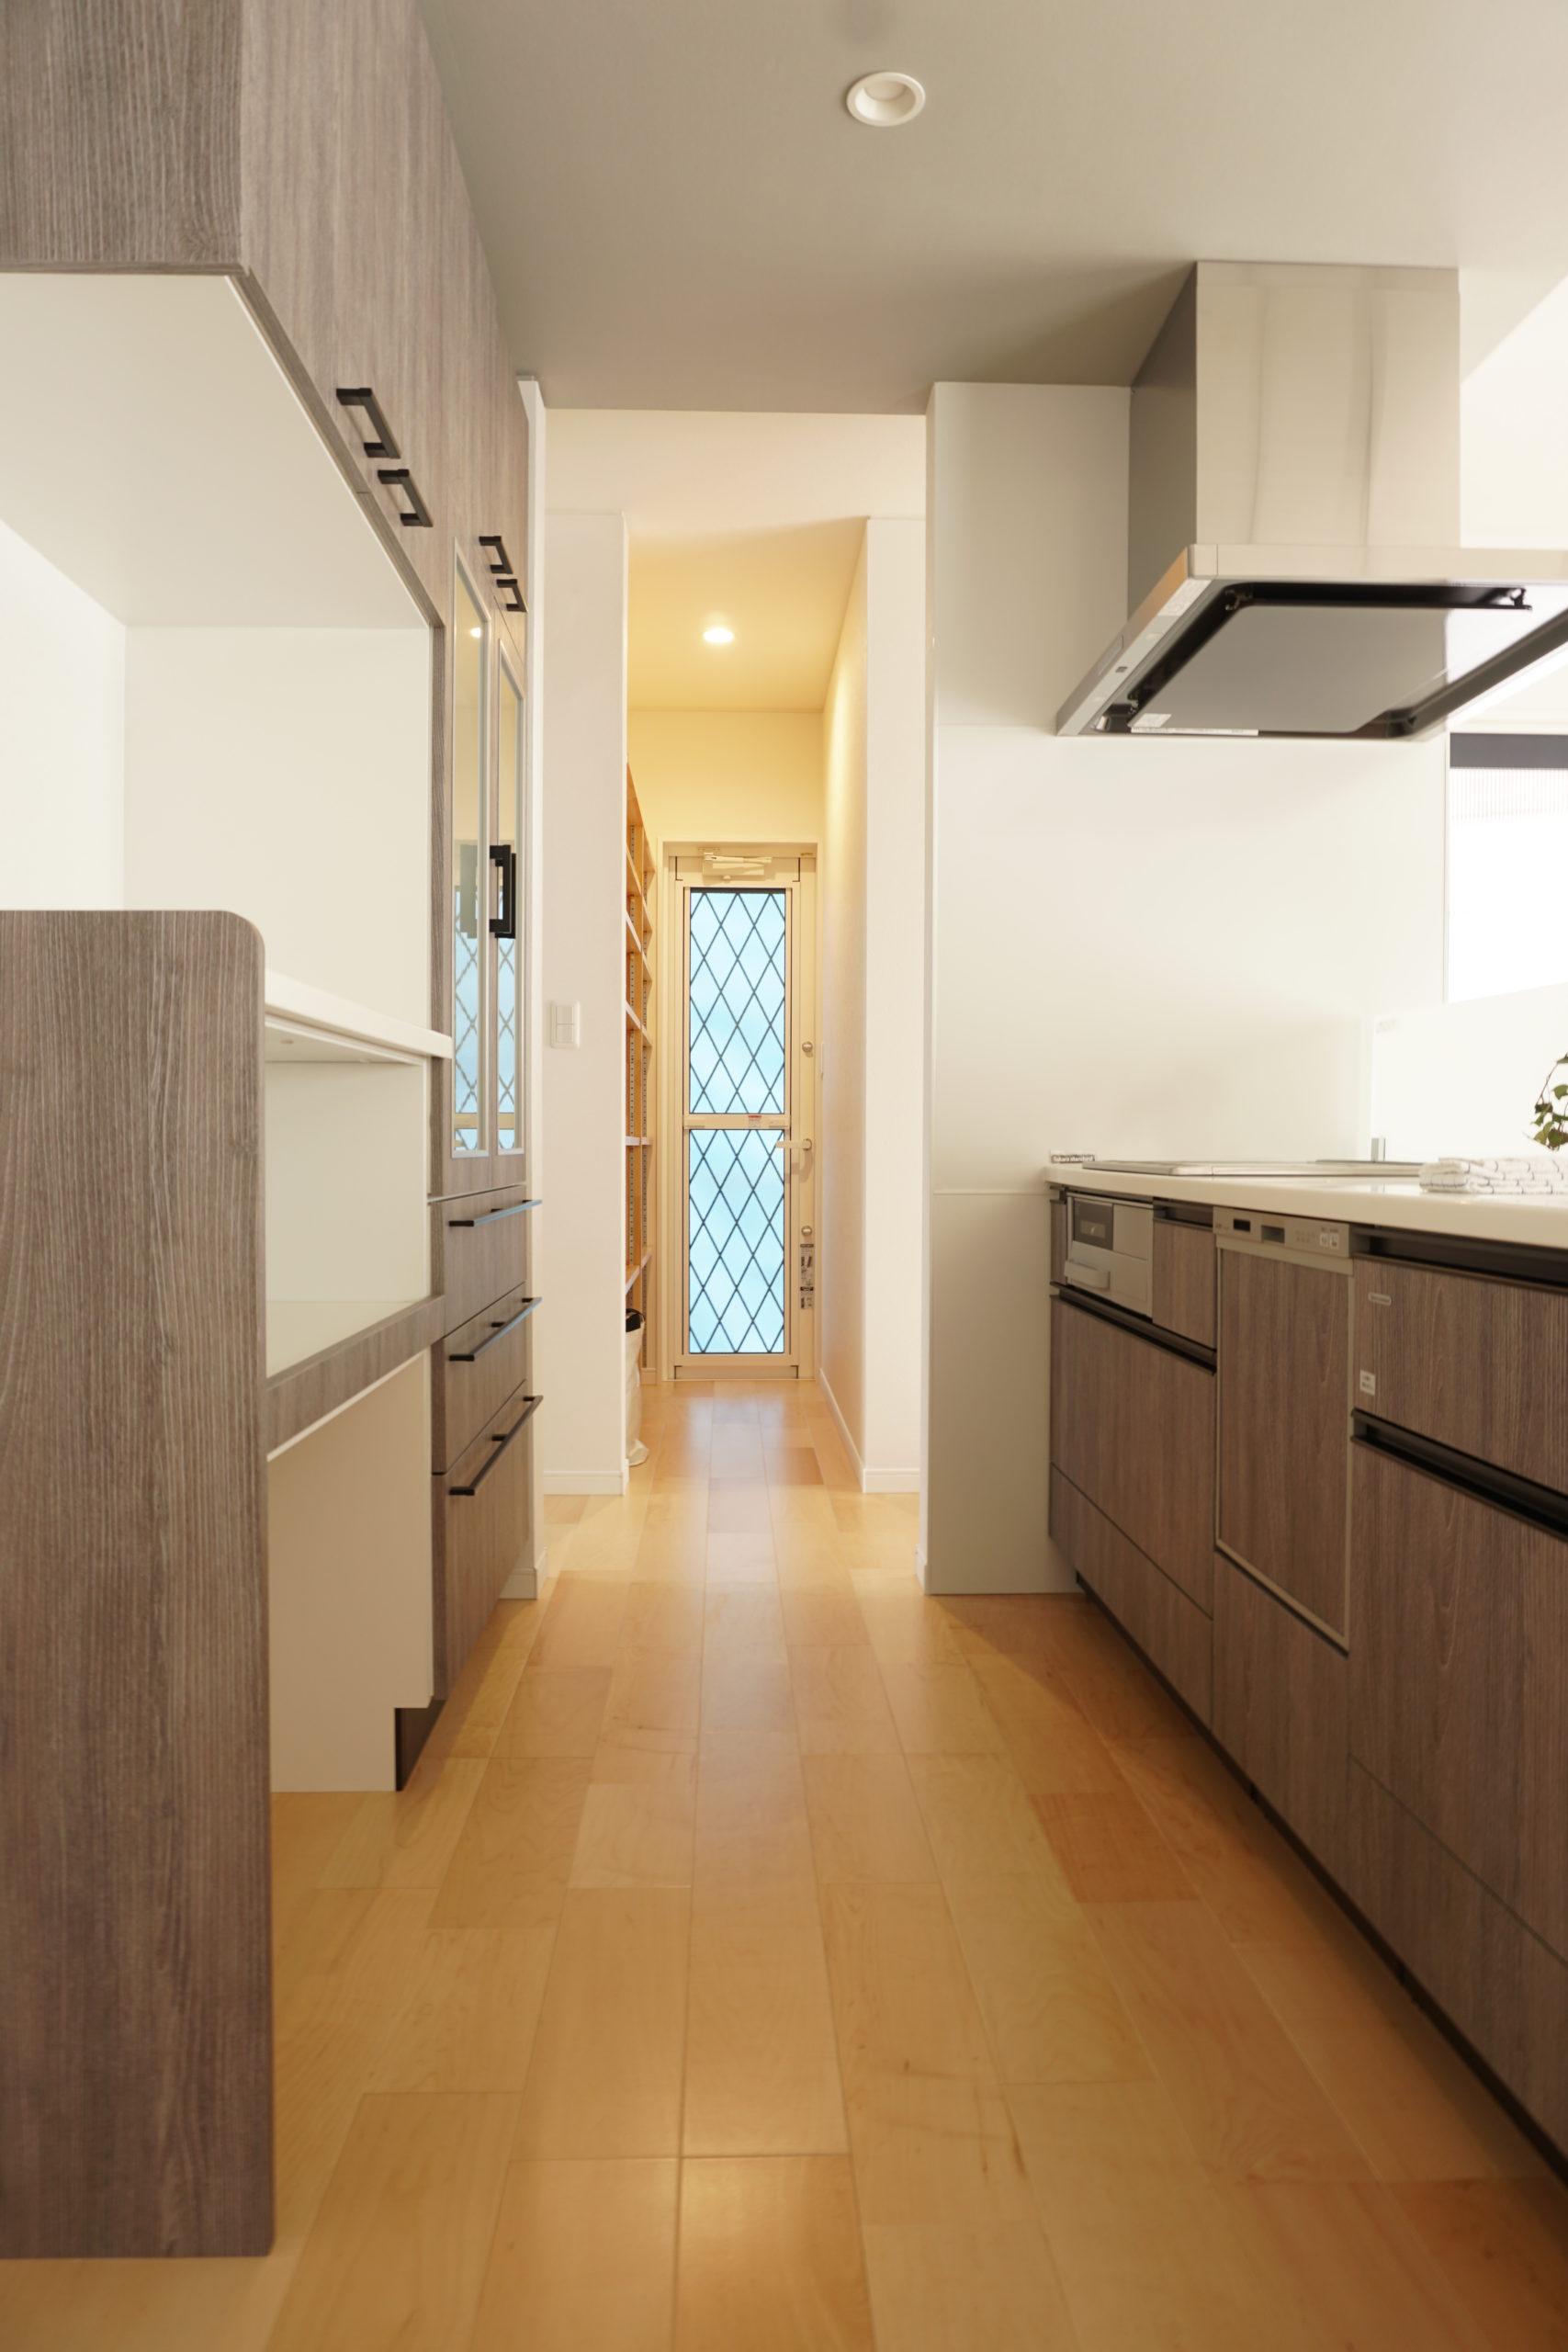 福山市の注文住宅|今井住建の施工事例ギャラリー「キッチン横にパントリーの間取りは◎」